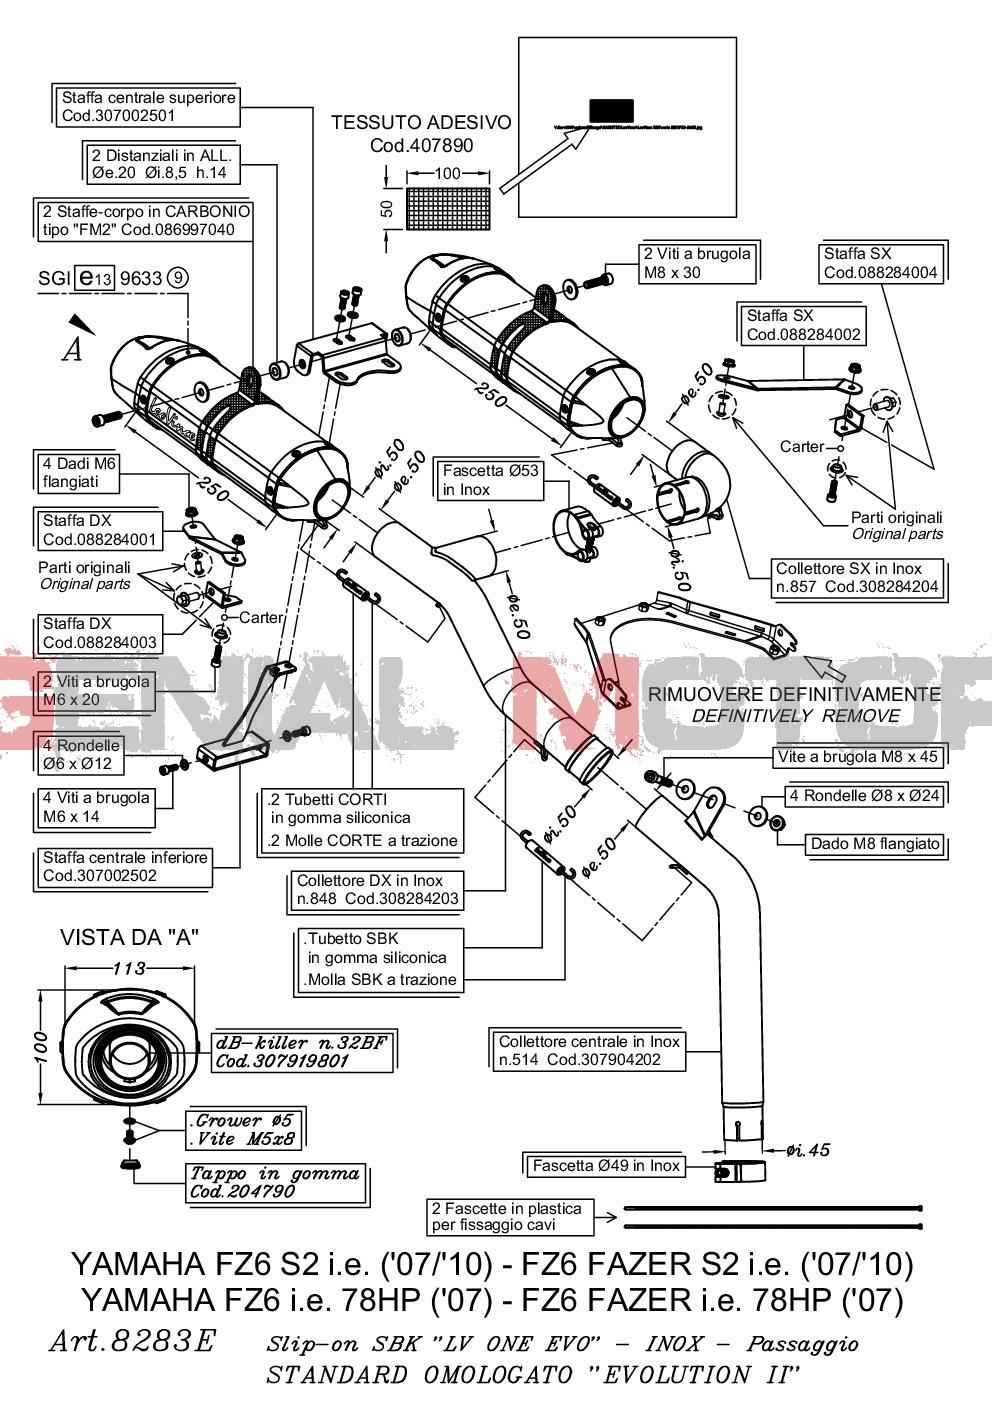 8283E 2 Pots D'Echappement Leovince Lv One Acc Yamaha Fz6 Fazer S2/Abs 2007 > 2011